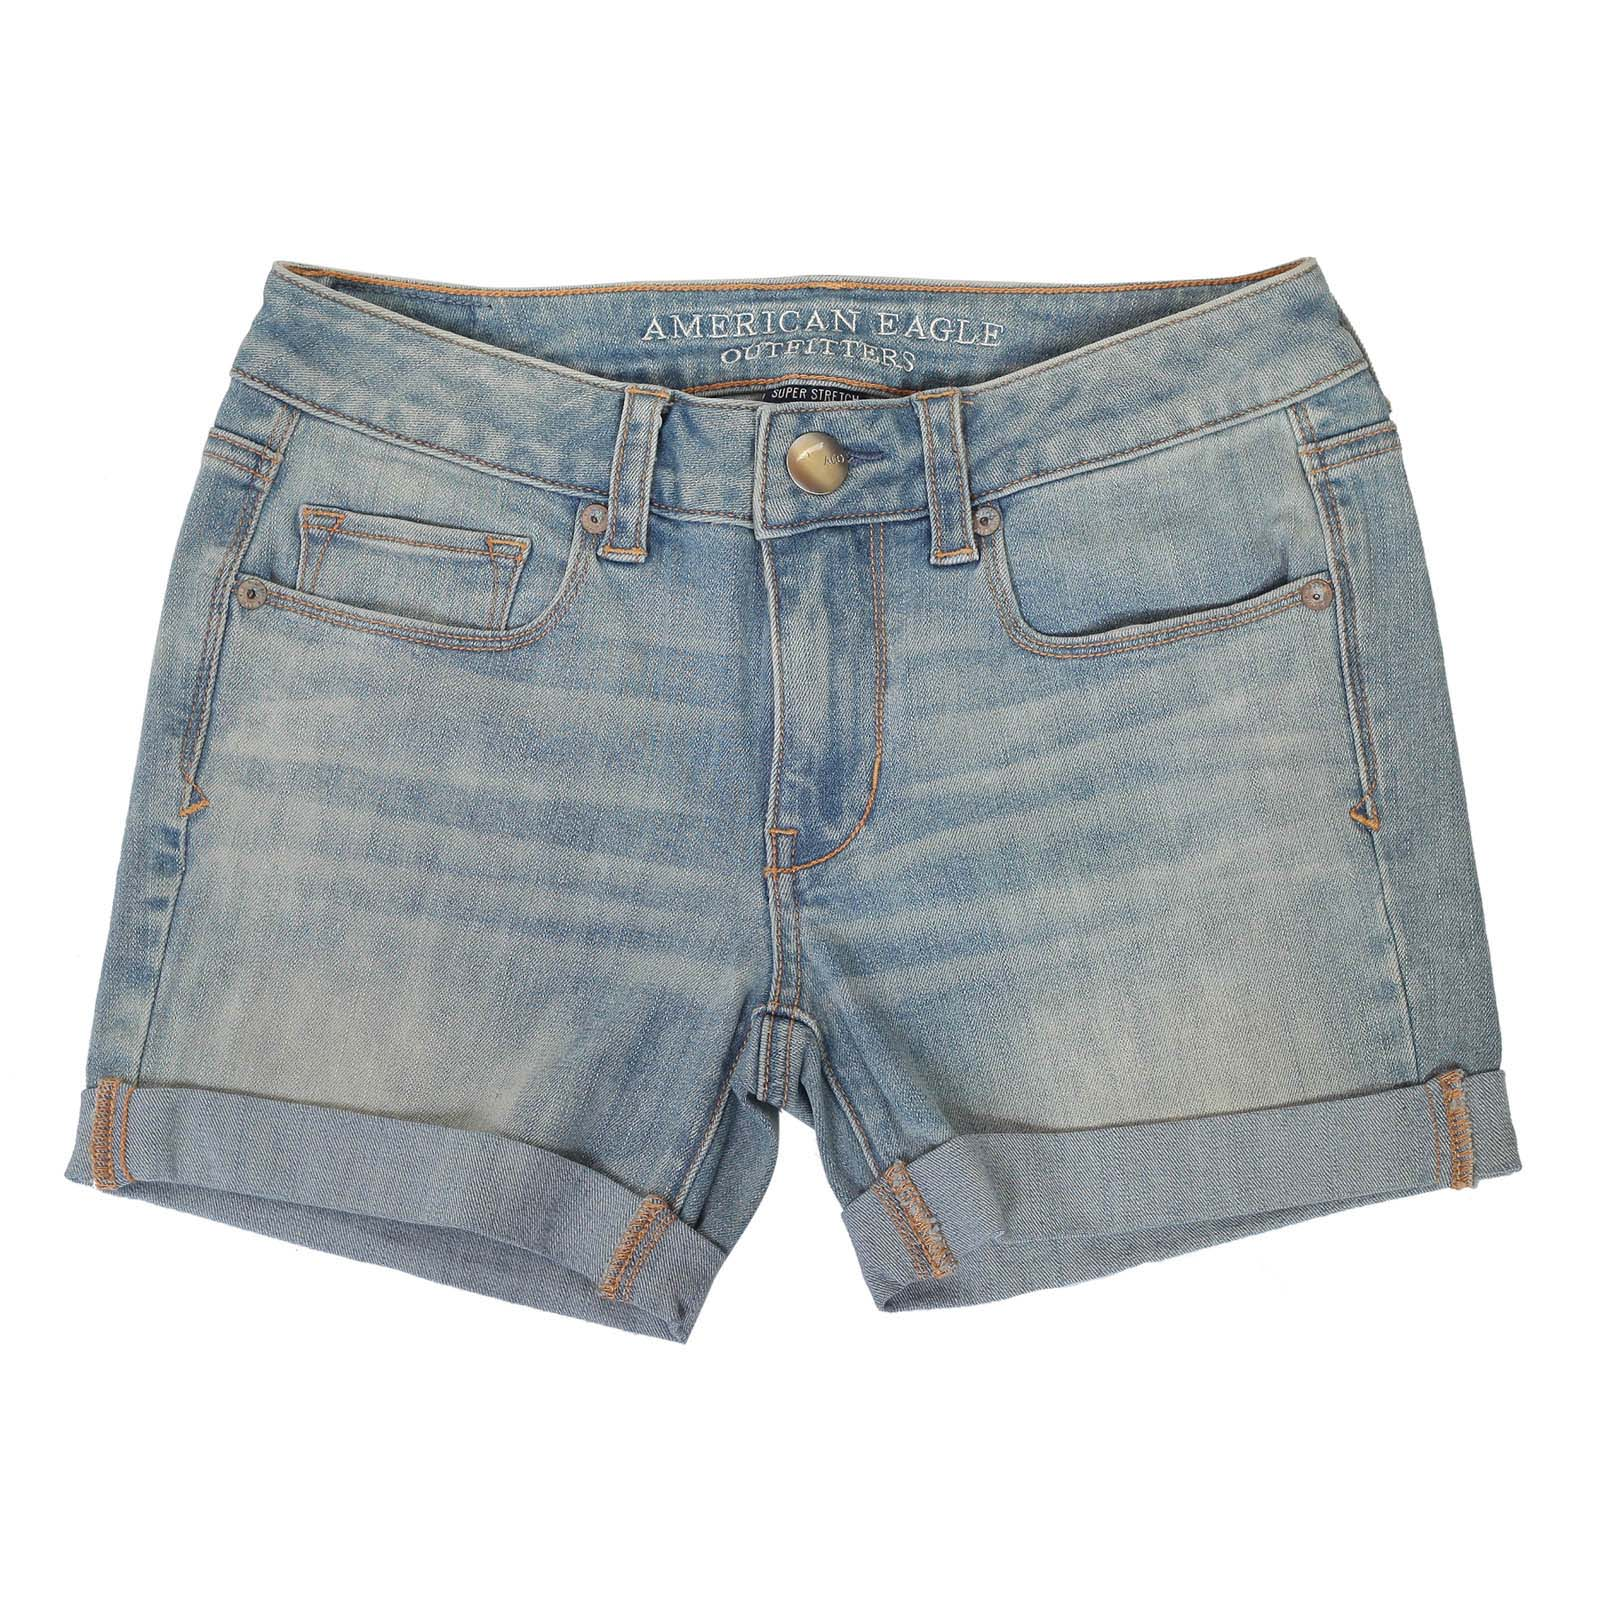 Купить светлые джинсовые шортики для модниц